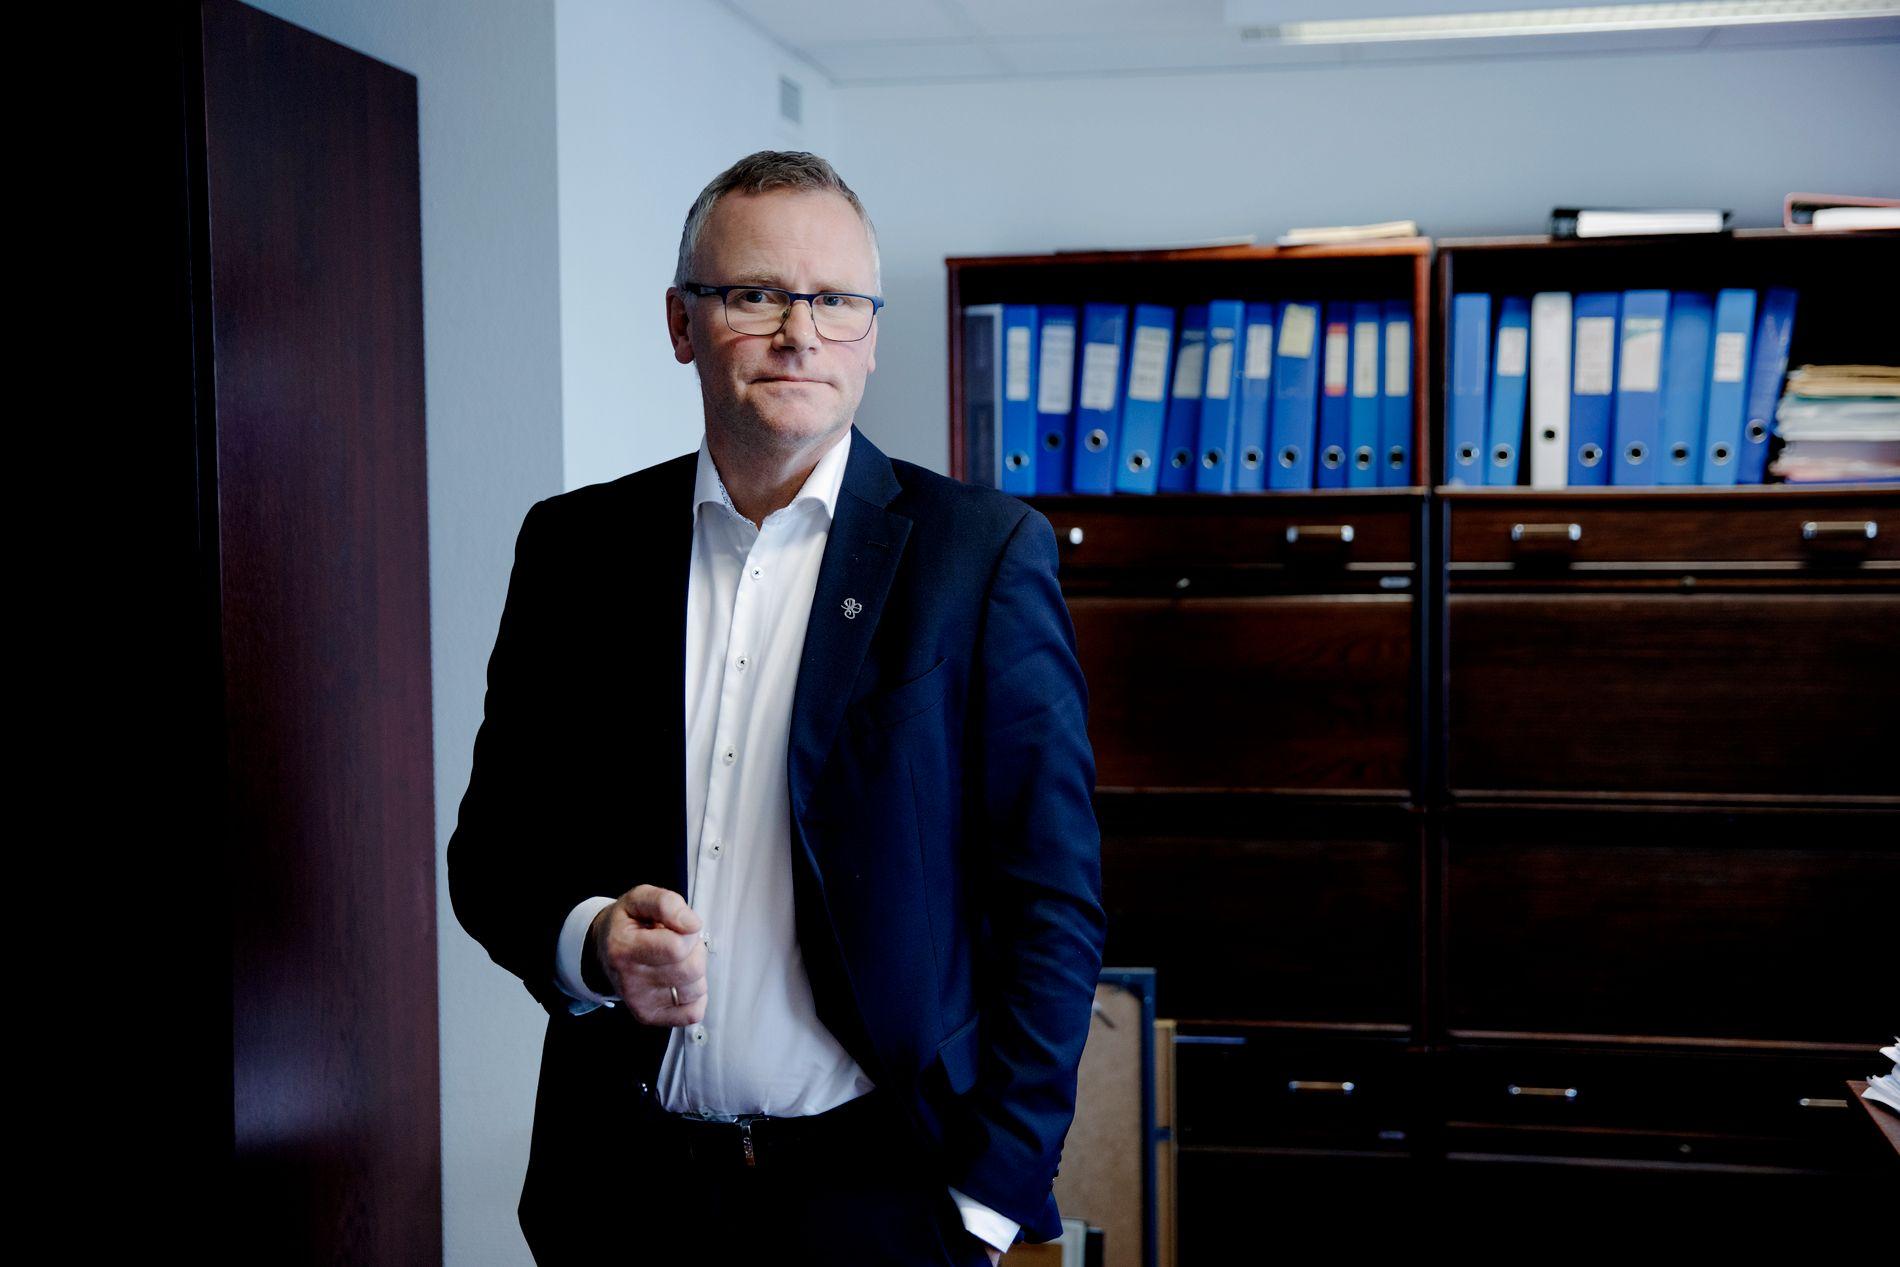 SVARER: Eirik Stolt-Nielsen er førstestatsadvokat.